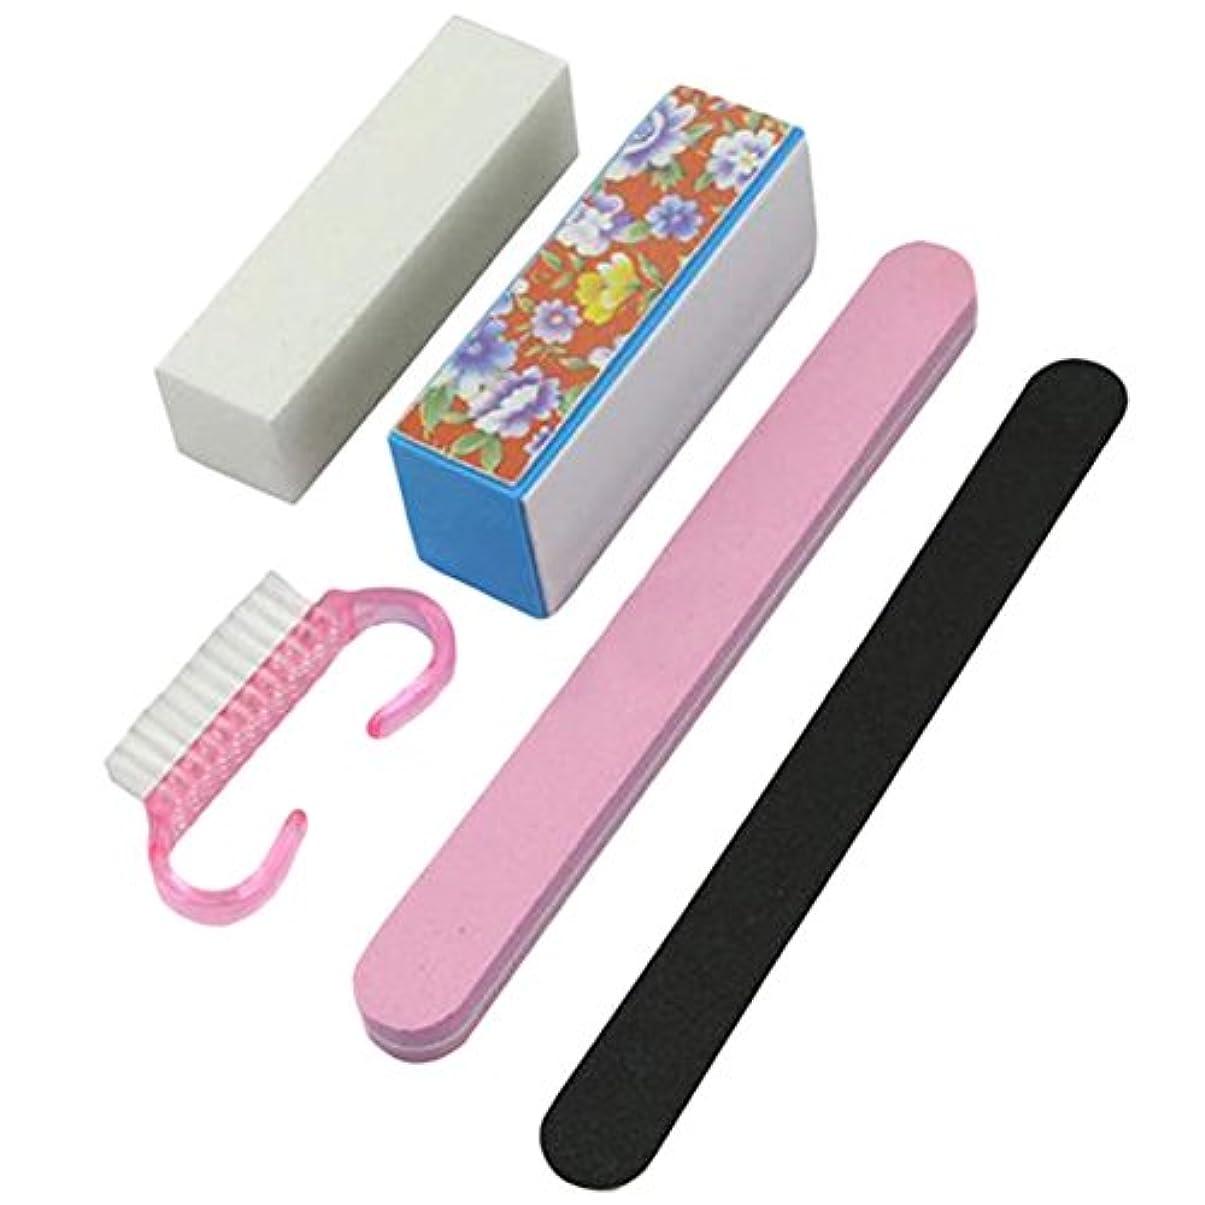 処分したクレーン寝るYideaHome ネイルファイル 爪やすり 爪磨き ネイルケア 5点セット ジェルネイル用ファイル